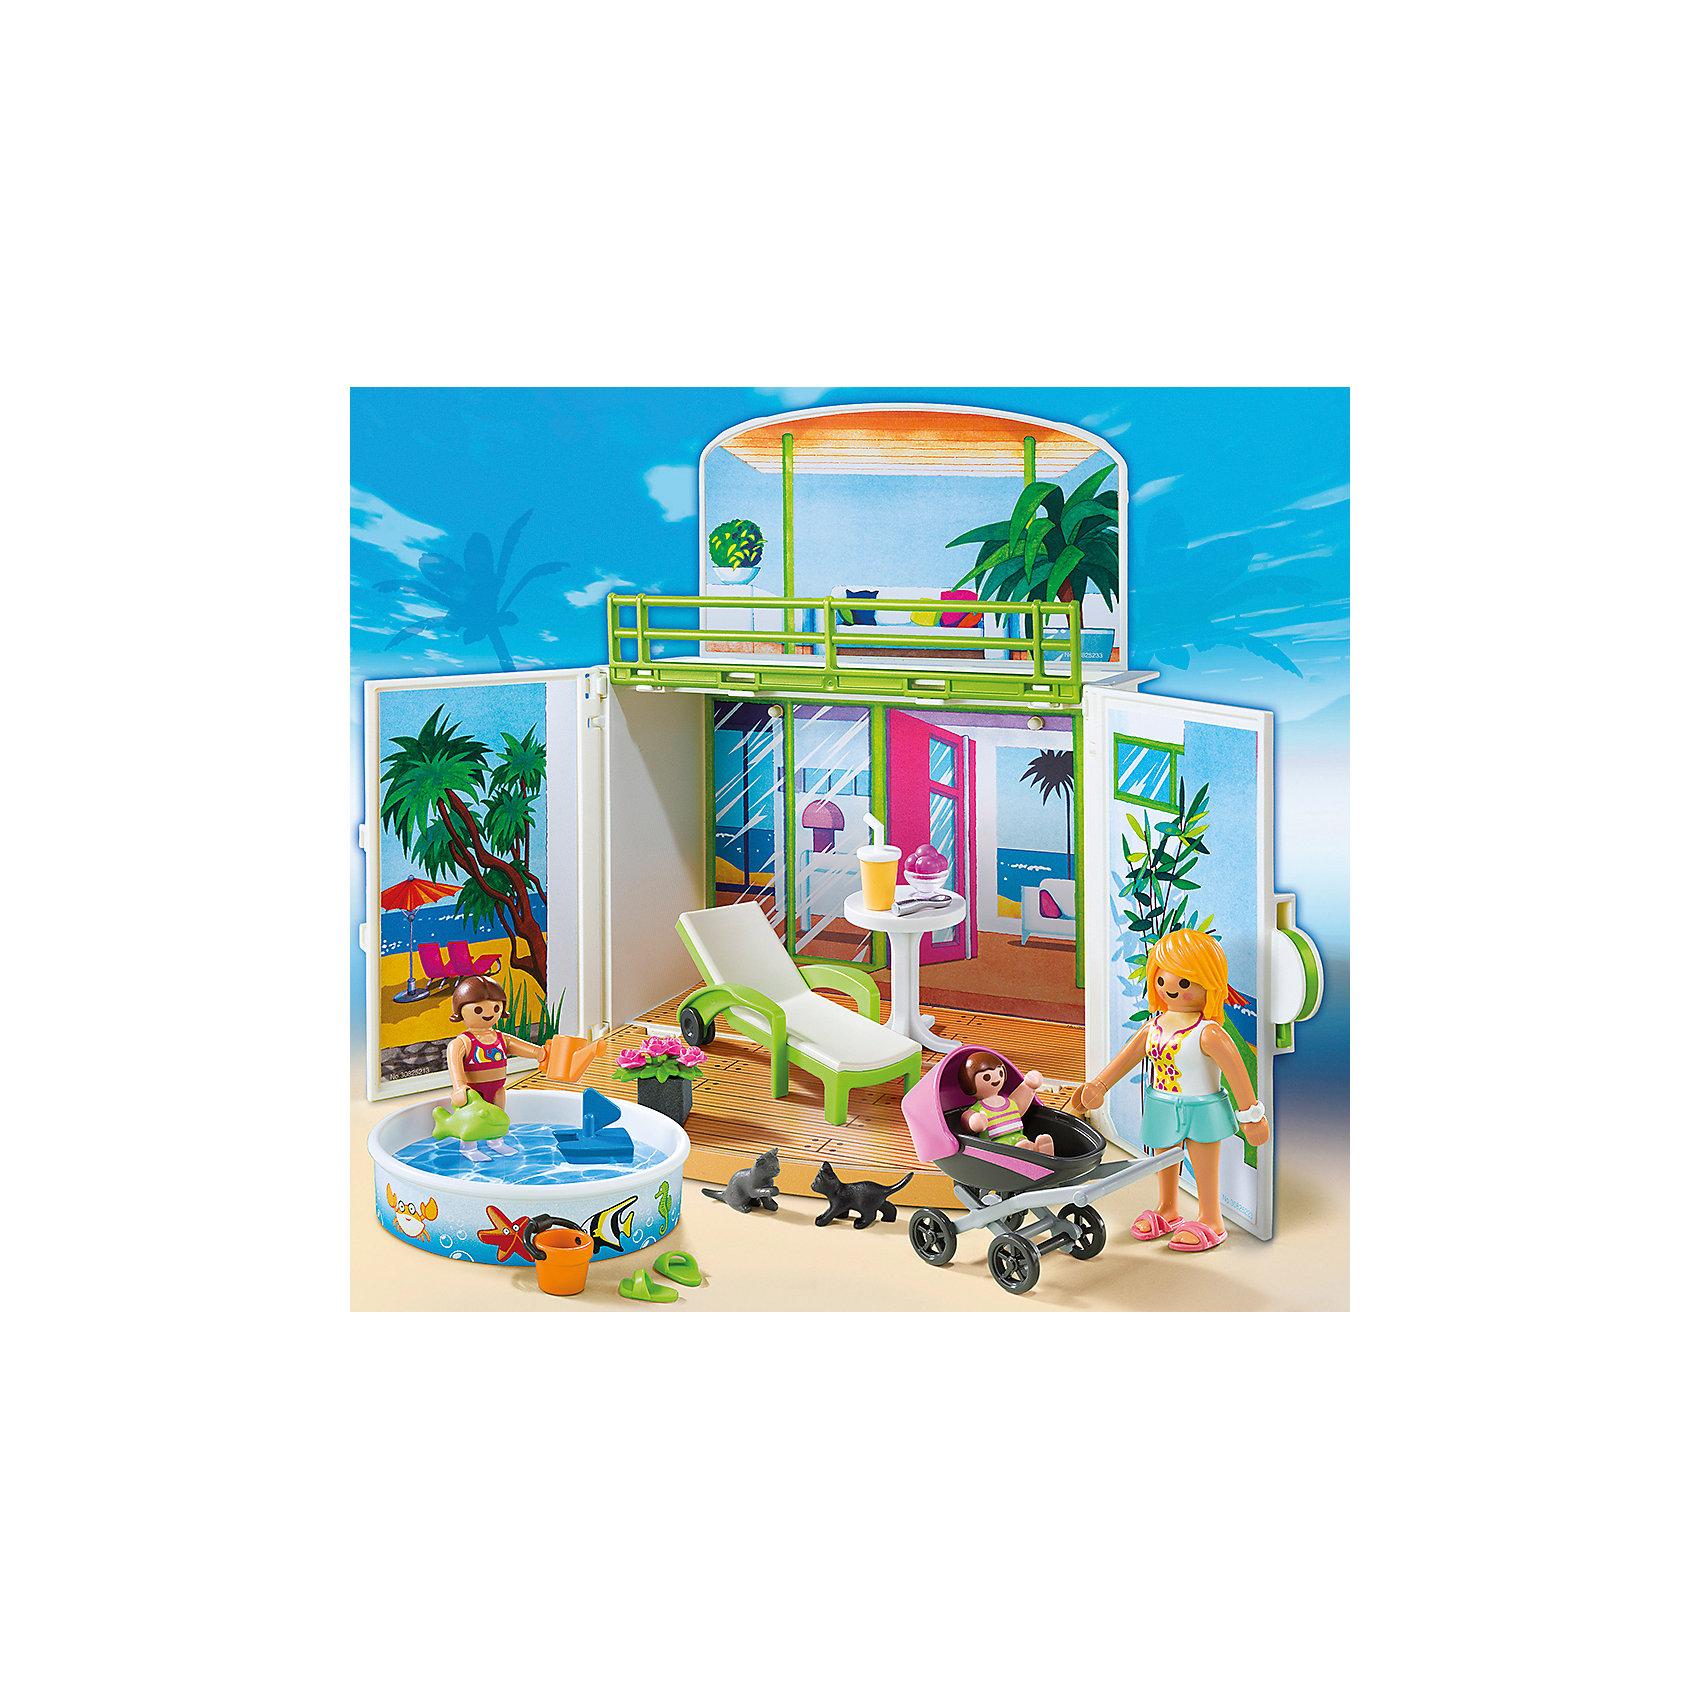 PLAYMOBIL® Возьми с собой: Пляжное Бунгало, PLAYMOBIL playmobil® playmobil 5289 секретный агент мега робот с бластером